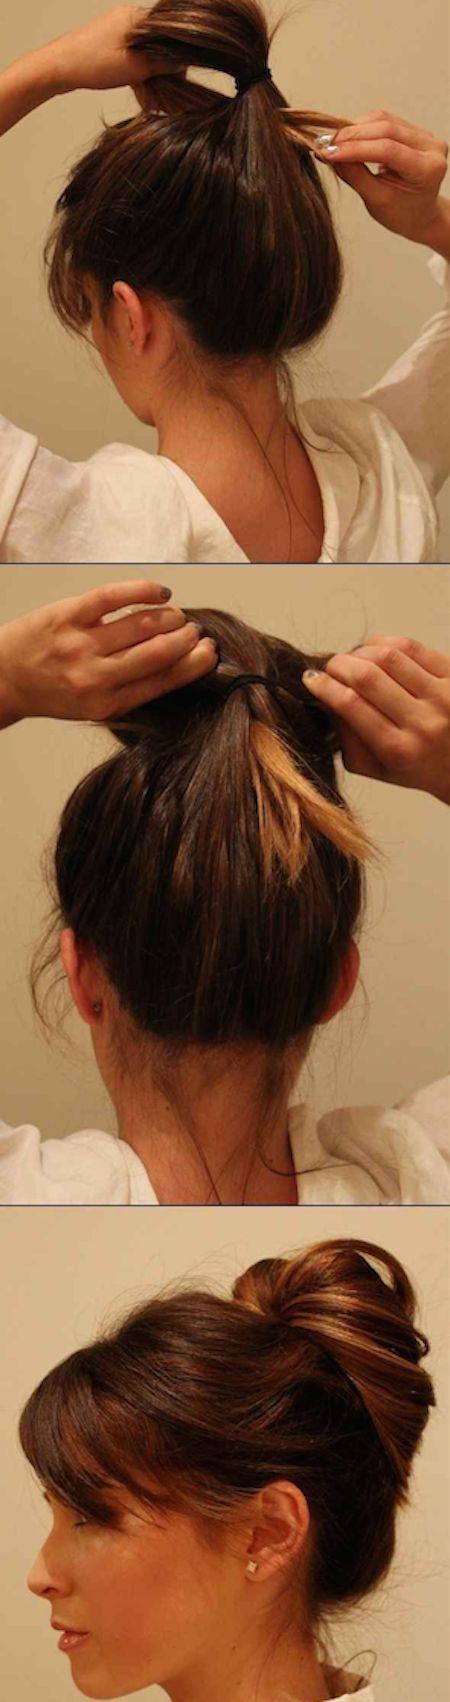 25 astuces faciles pour avoir un chignon bun parfait ! | Idee coiffure facile, Coiffure facile ...